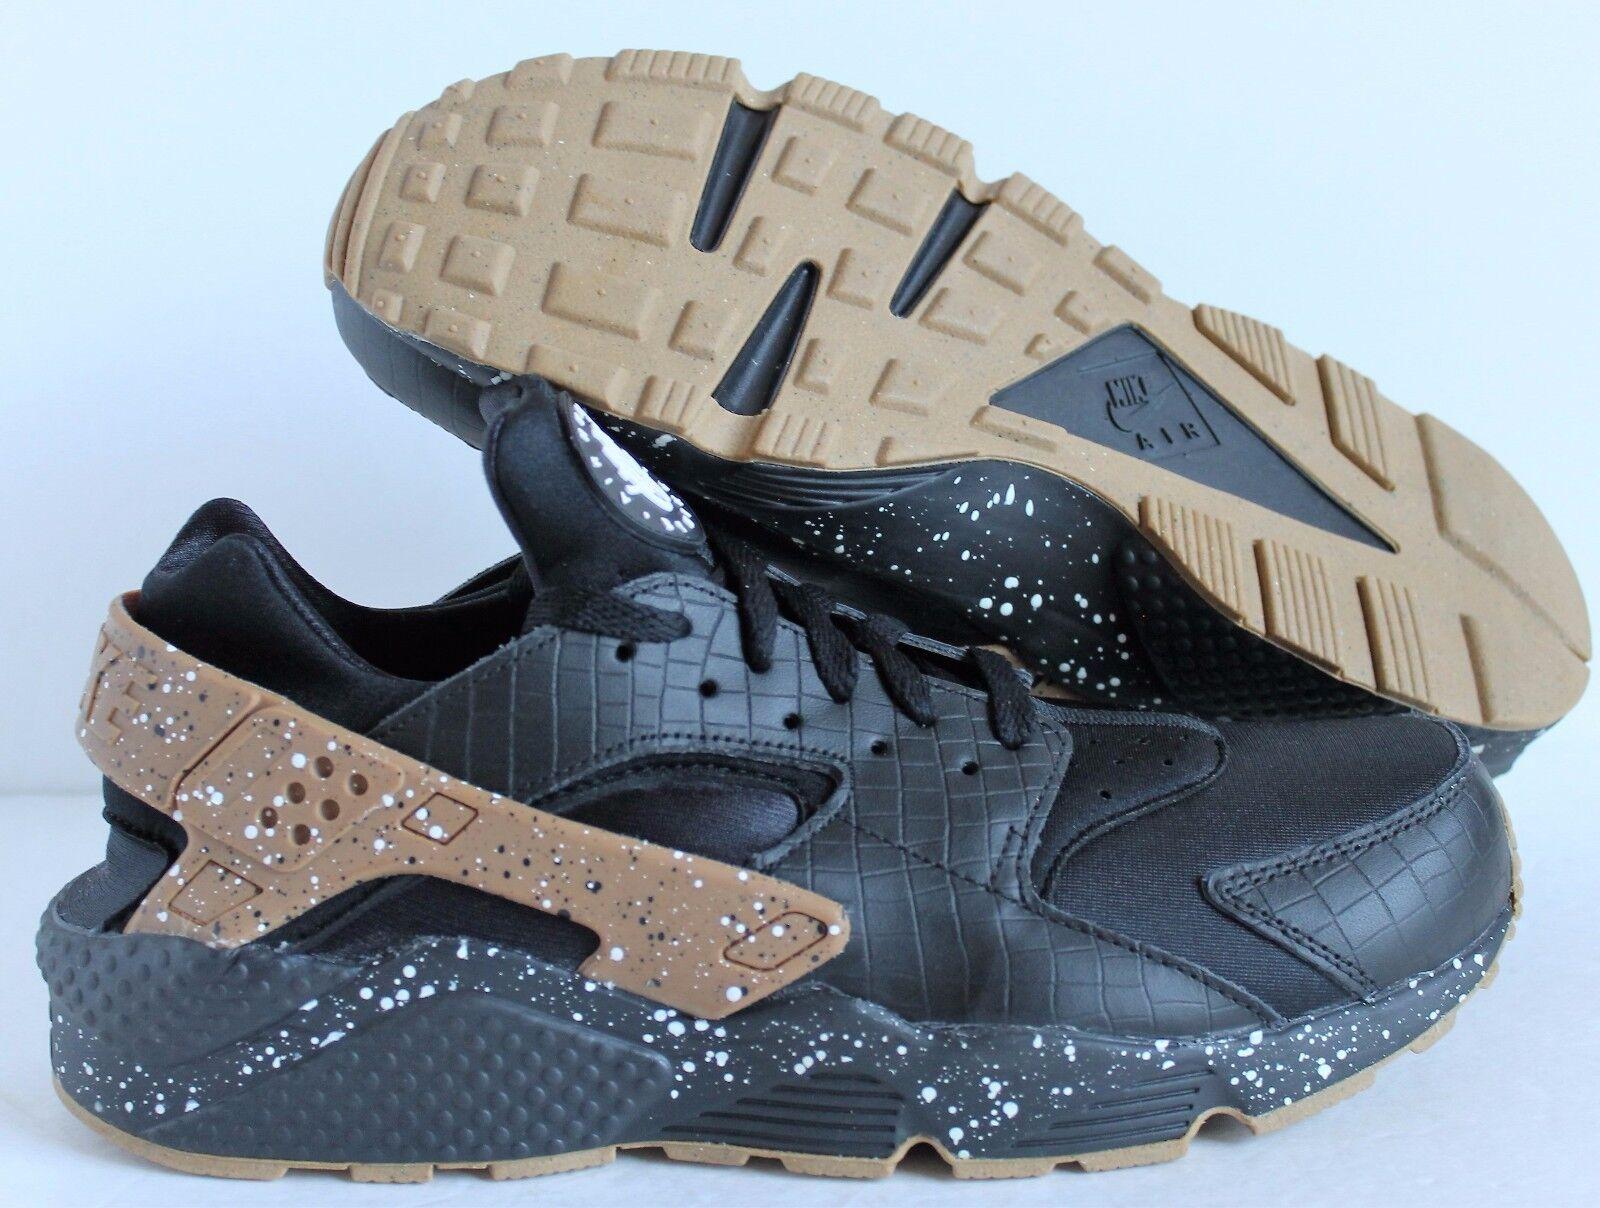 Nike Men'S Air Huarache Premium ID Black-Brown SZ 11.5  [777330-997]